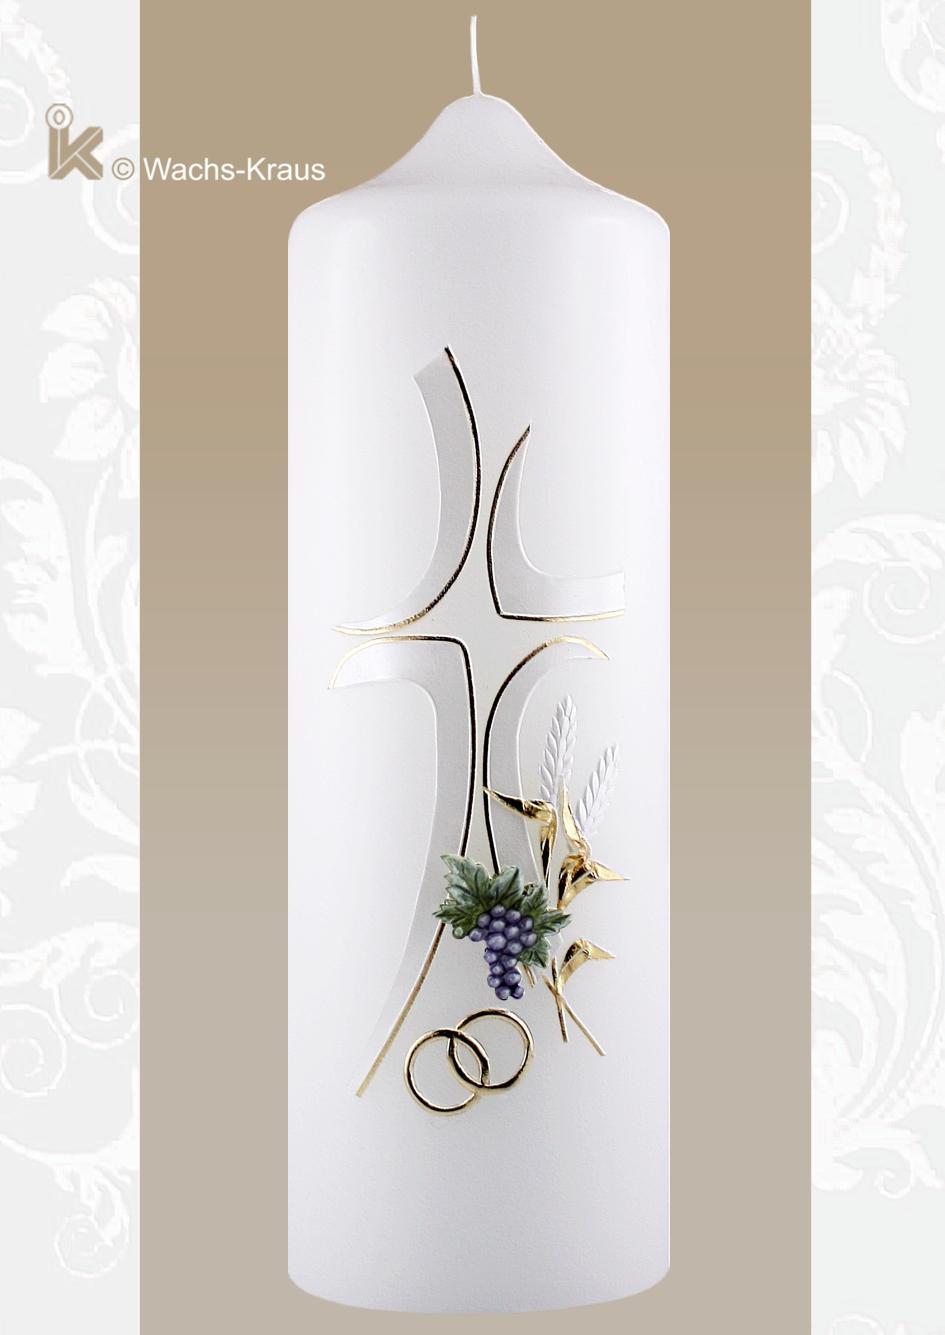 Eine wunderschöne, sehr fein verzierte Hochzeitskerze in dezentem Perlmutt-weiß und Gold mit Kreuz, gegossenen Trauben, Ähren und Ringen.